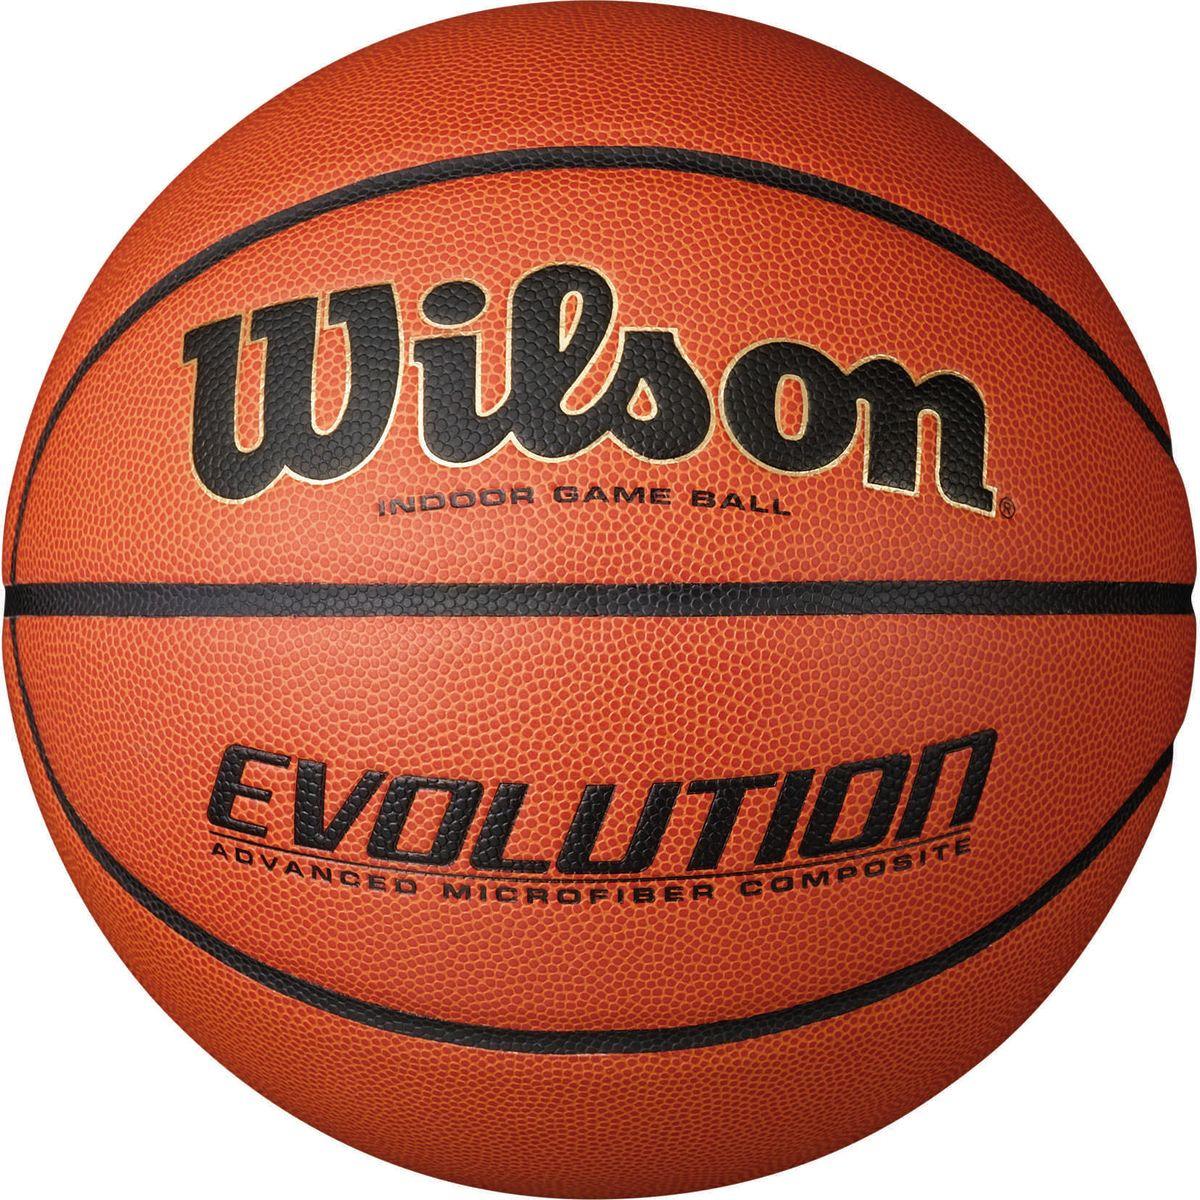 Мяч баскетбольный Wilson Evolution, цвет: коричневый, размер 7